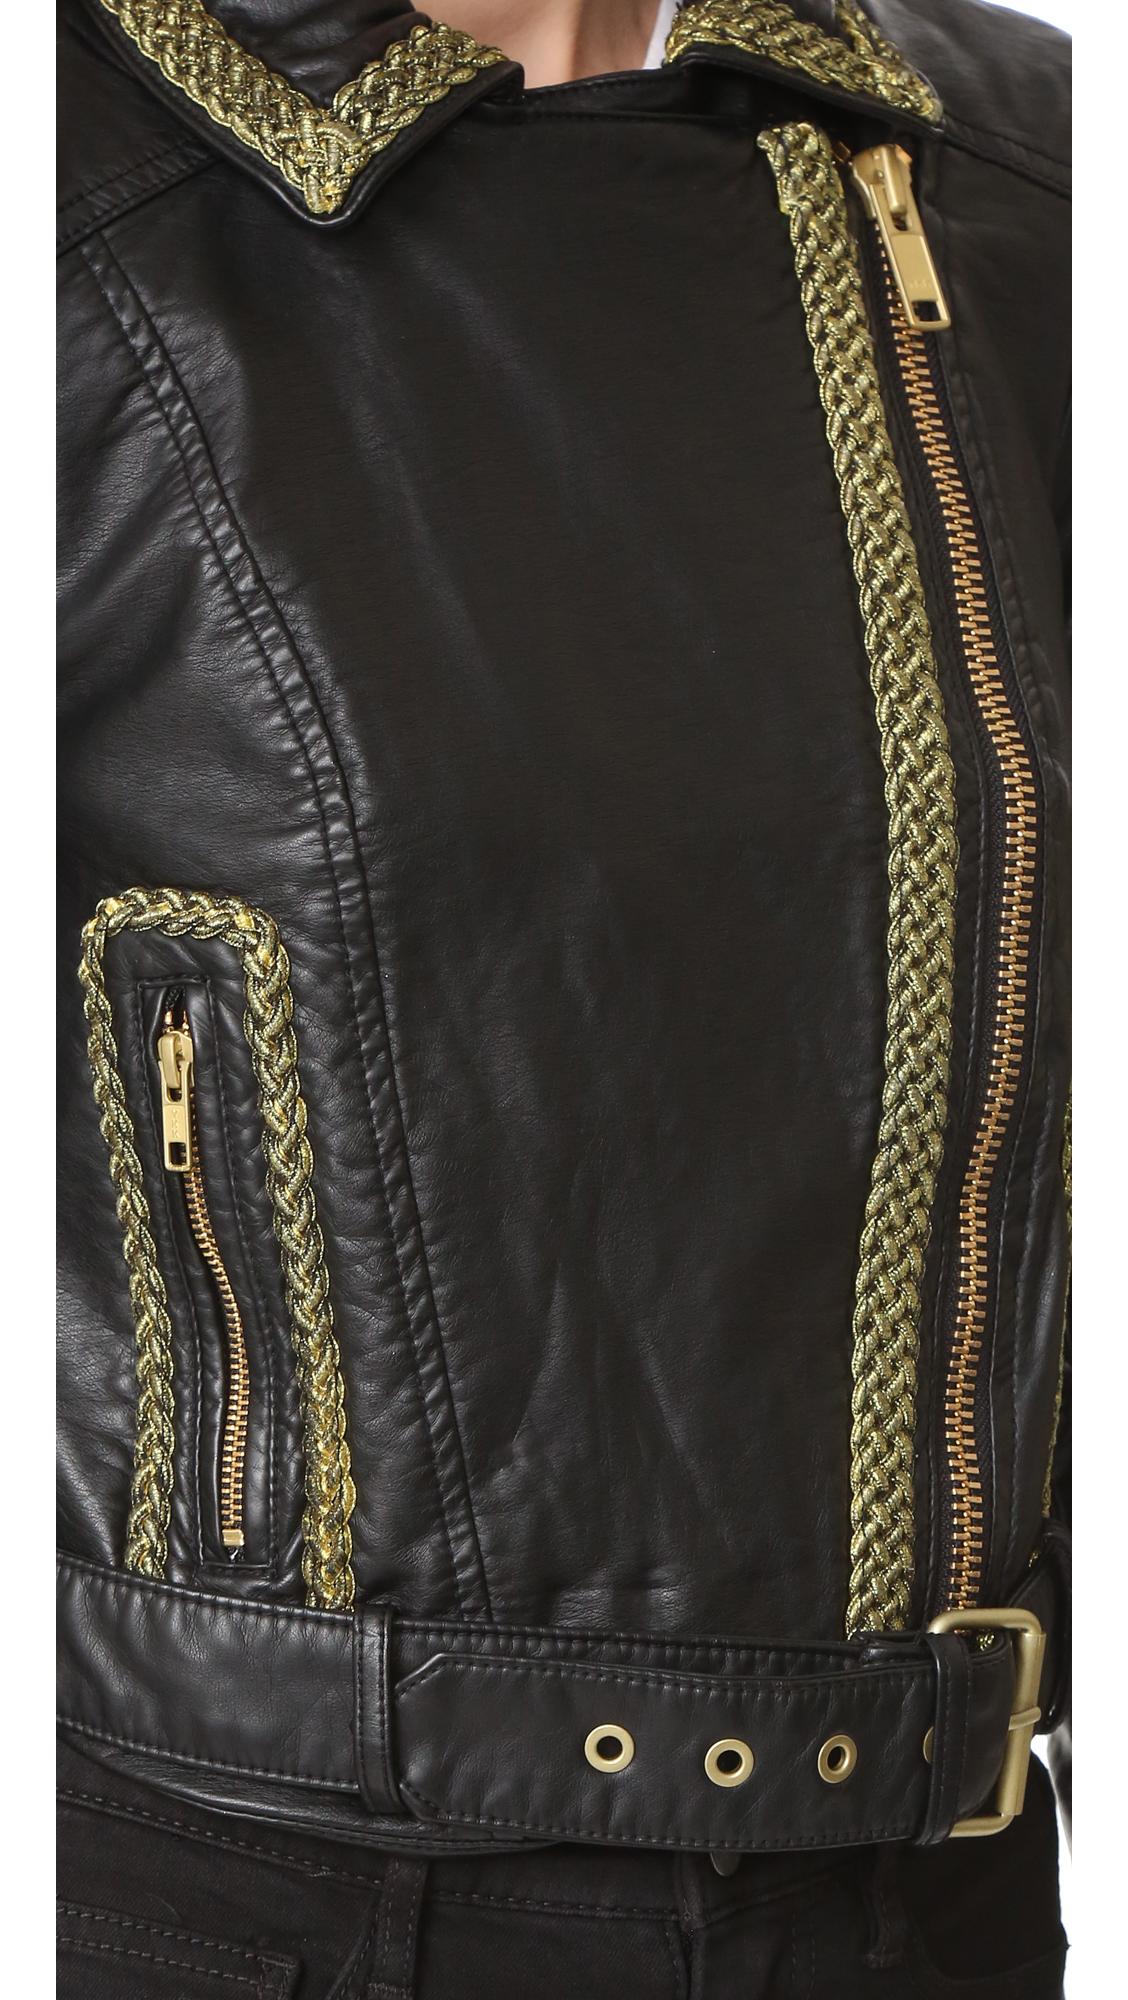 919bfef690520 Free People Bang Bang Moto Jacket